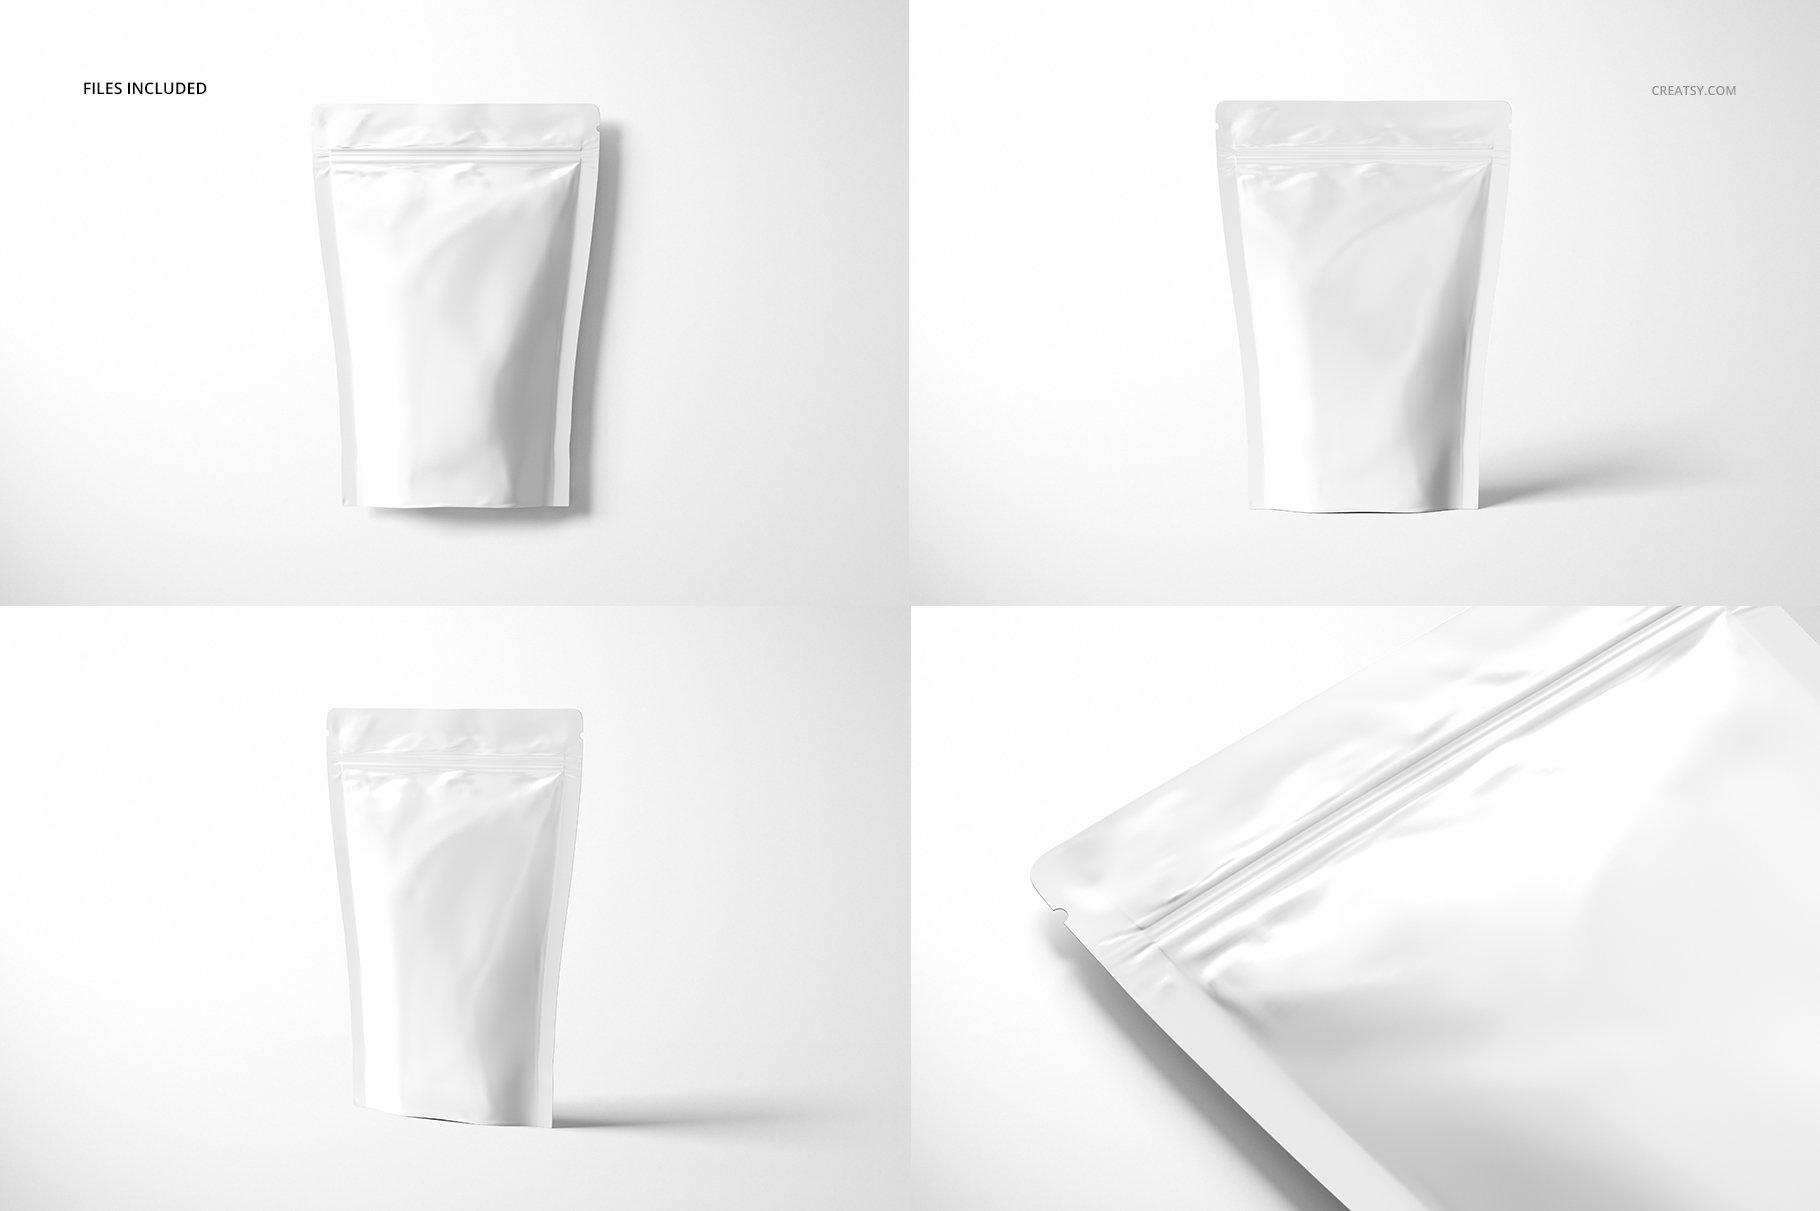 铝箔自立袋自封袋包装袋多角度PSD样机模板 Stand Up Pouch Mockup插图(3)